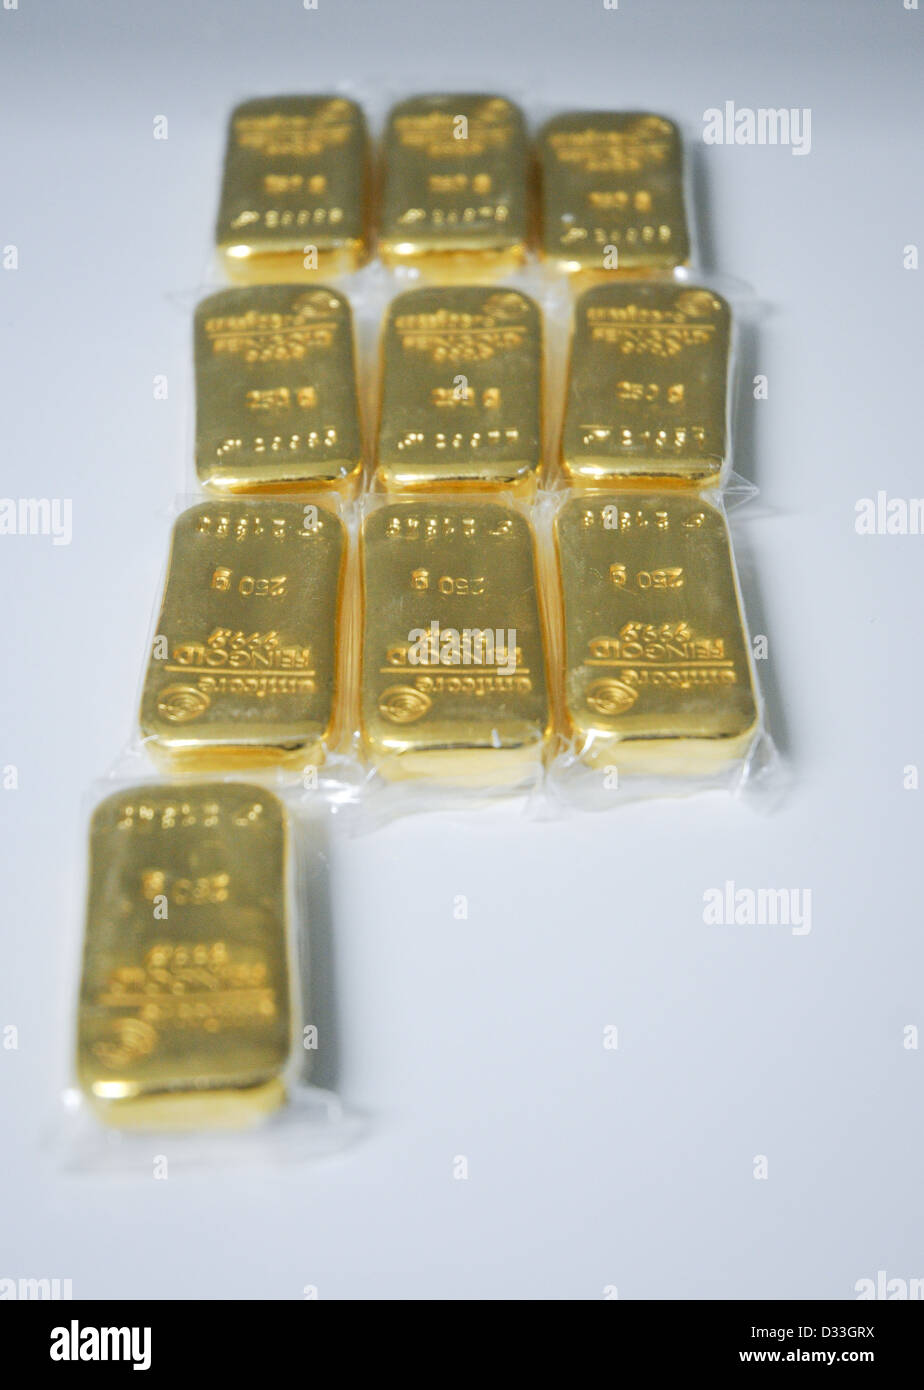 Heraeus Feingold 999.9 Gold Ingot Bullion Bars 250g - Stock Image